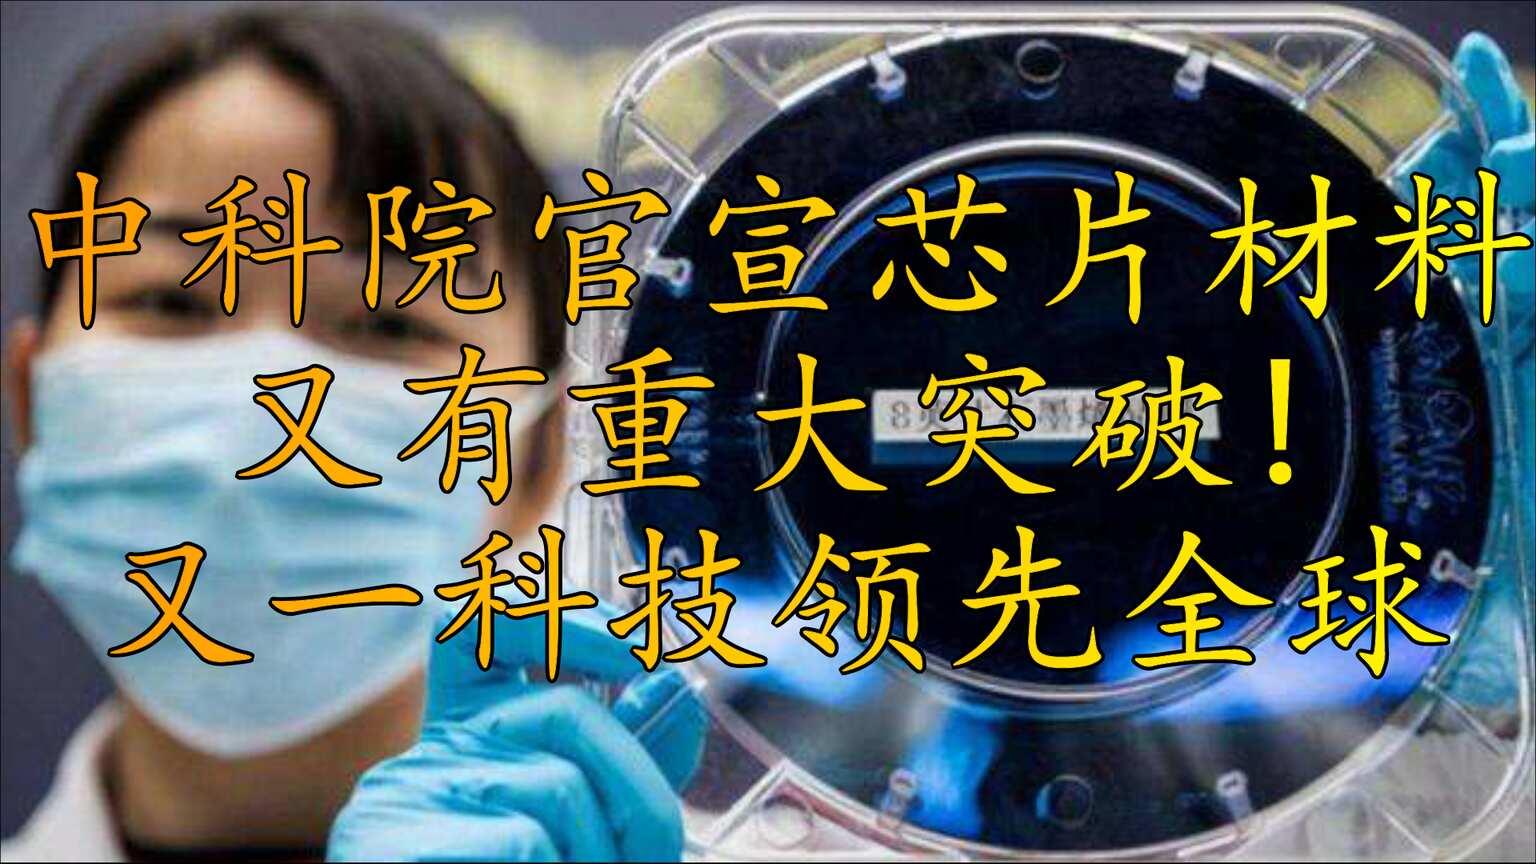 中科院官宣芯片材料又有重大突破,中国又一科技领先全球